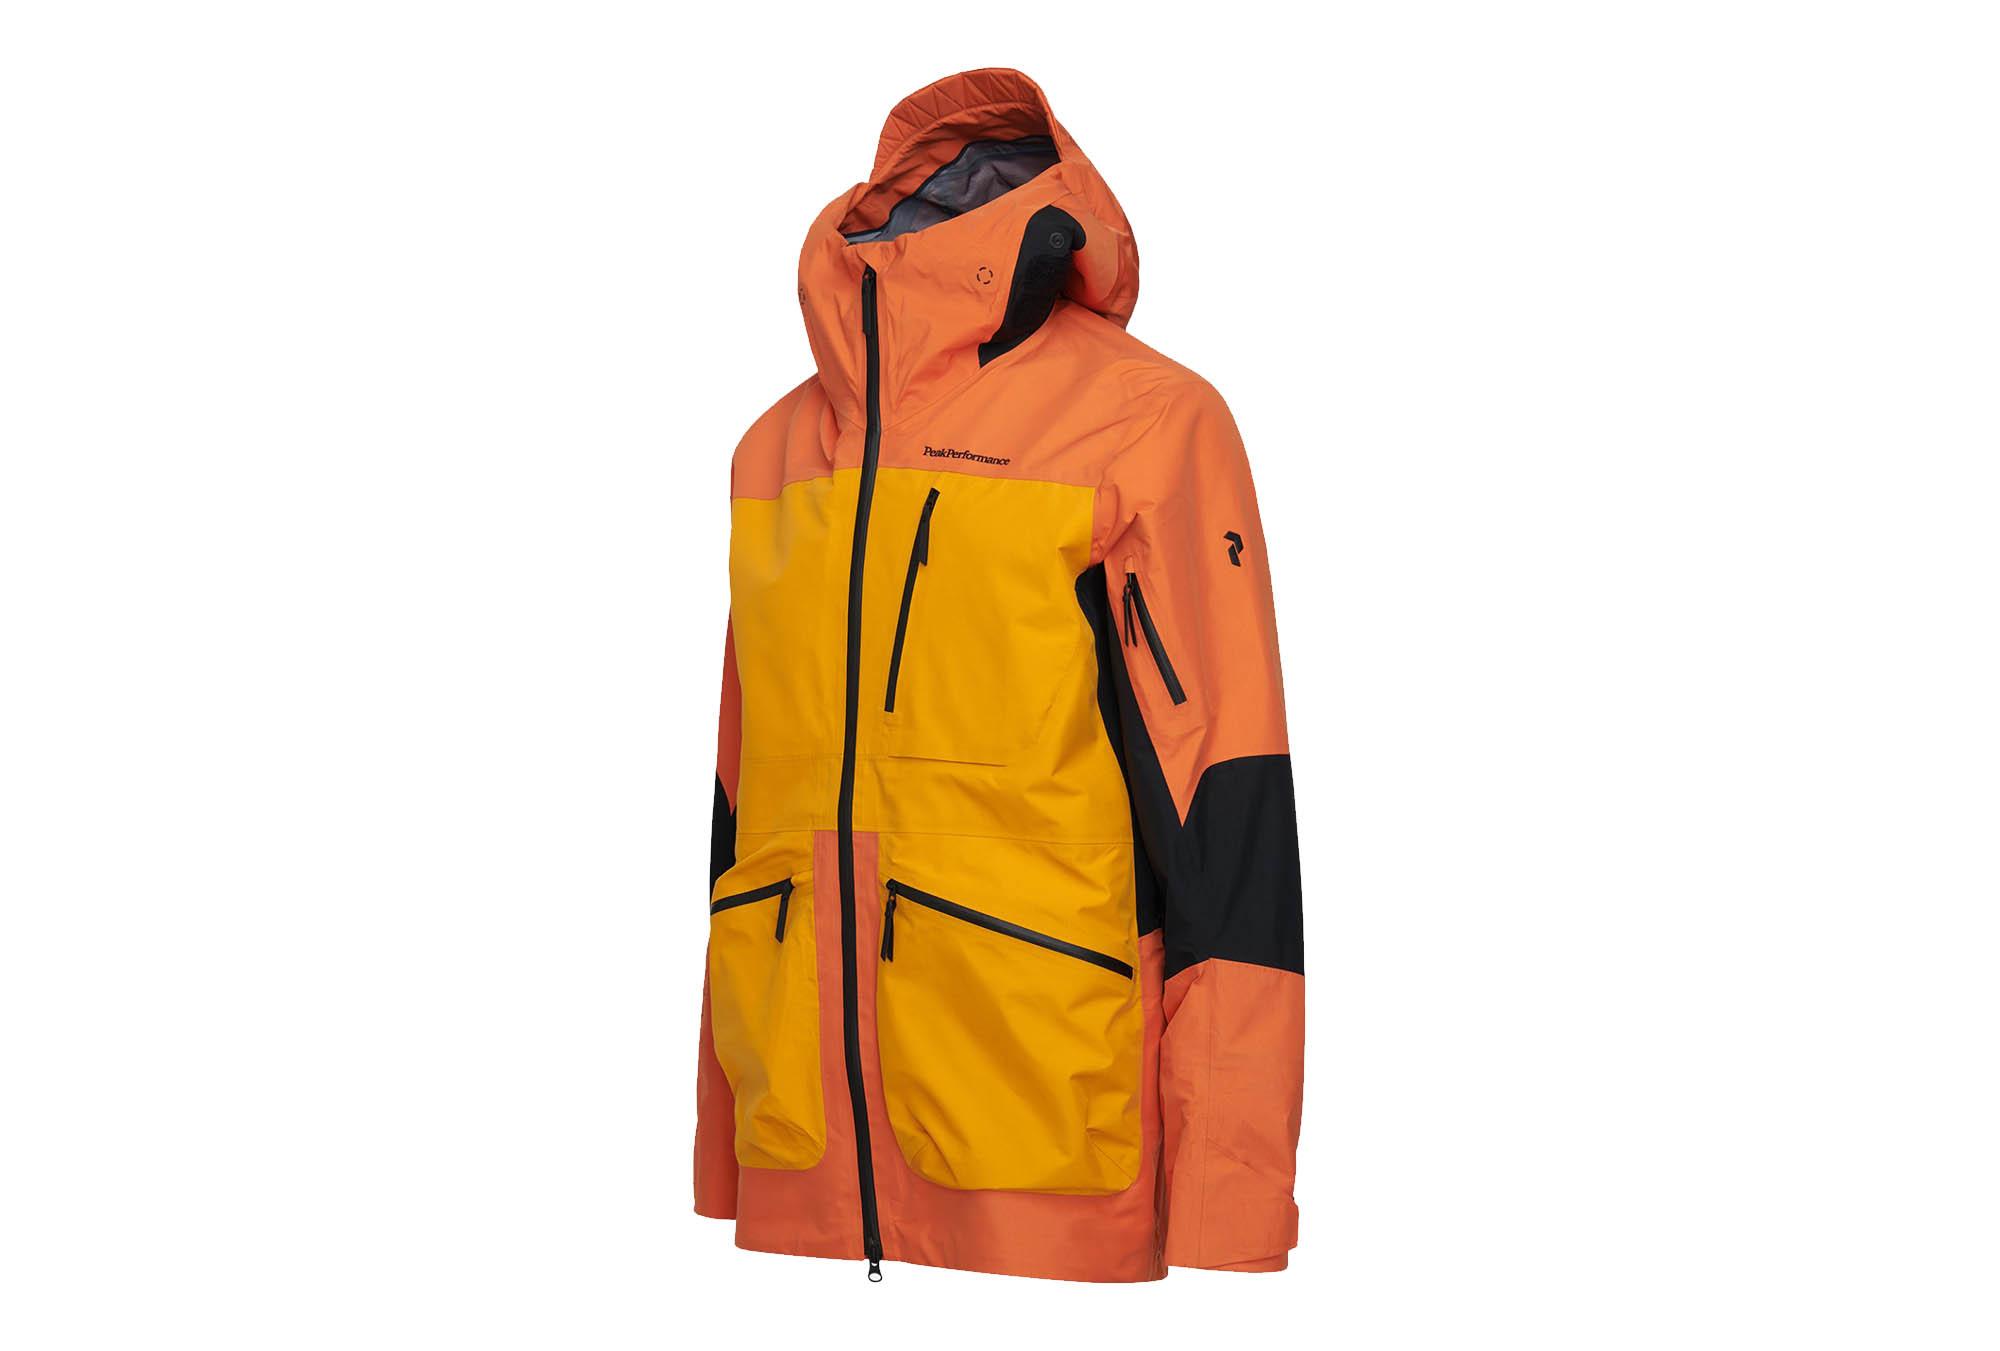 Winter 2020 Peak Performance World of Outdoor Sonthofen Allgäu Sportgeschäft Vertical Pro Jacket n